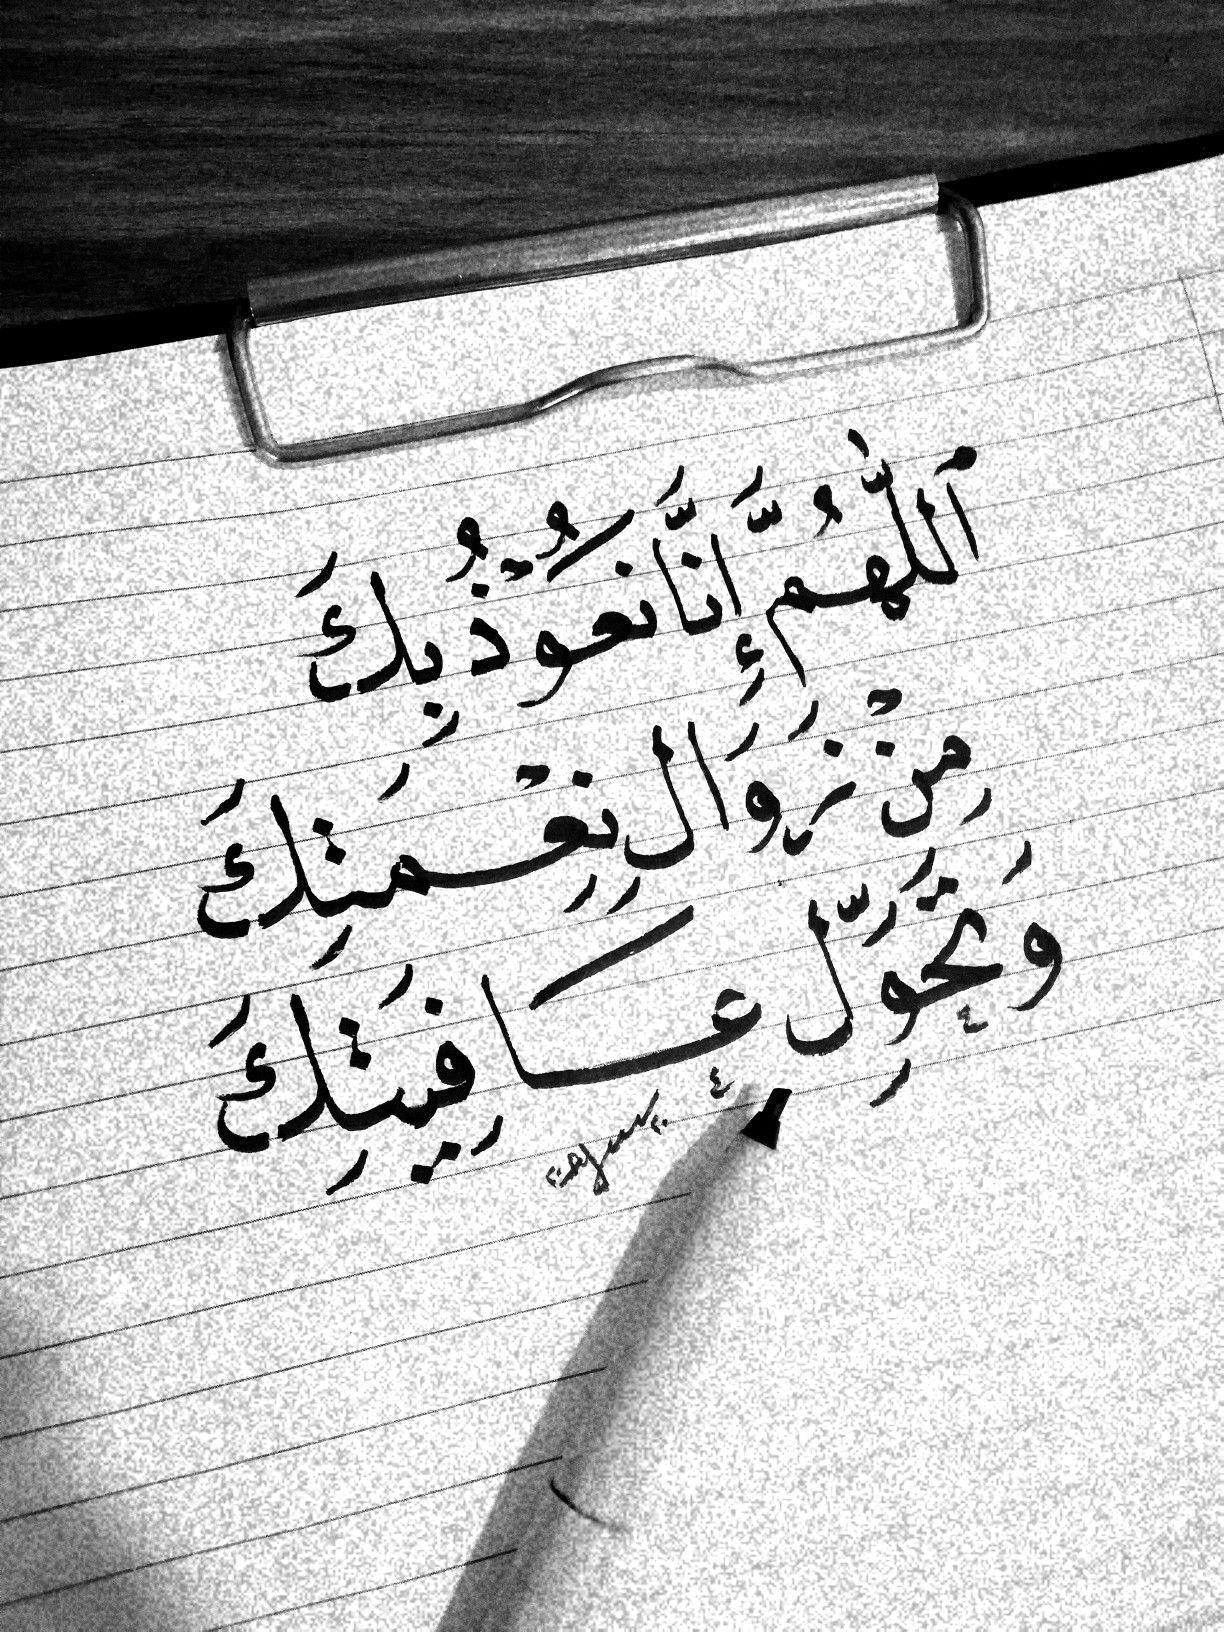 اللهم انا نعوذ بك من زوال نعمتك وتحول عافيتك Math Prayers Handwriting